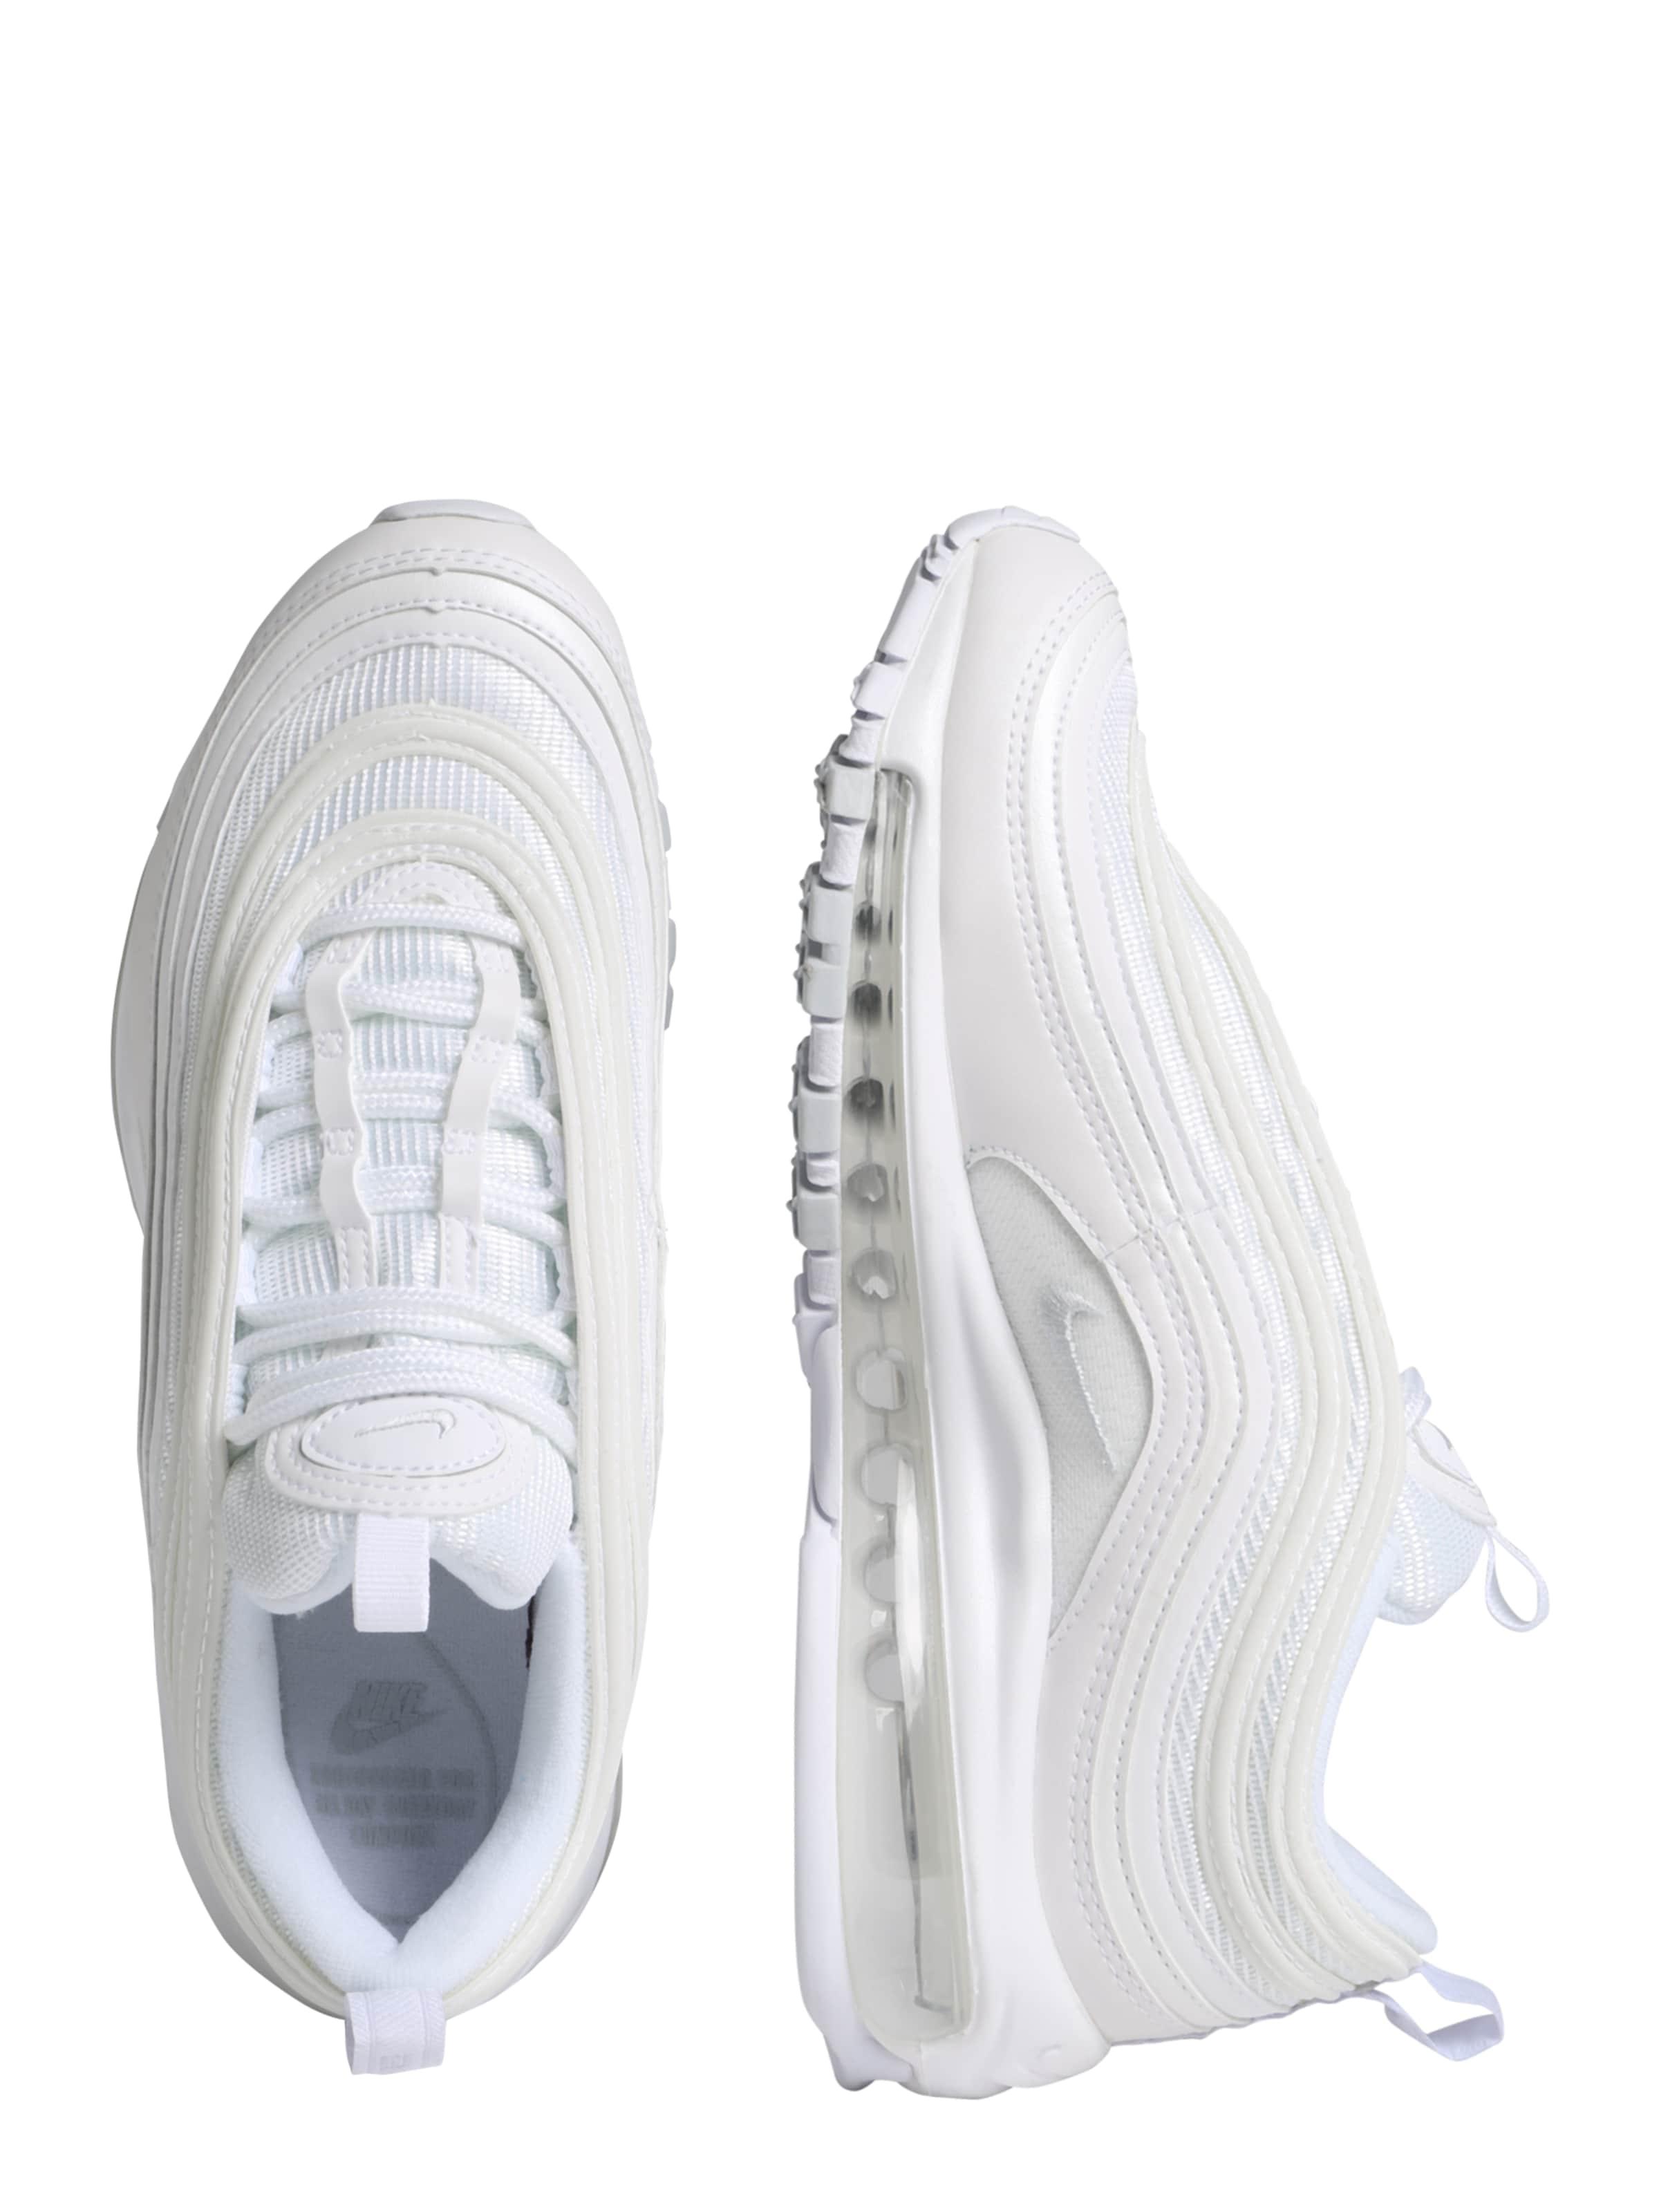 Sportswear 'air Nike Basses 97' En Max Baskets Blanc VqMSUzp